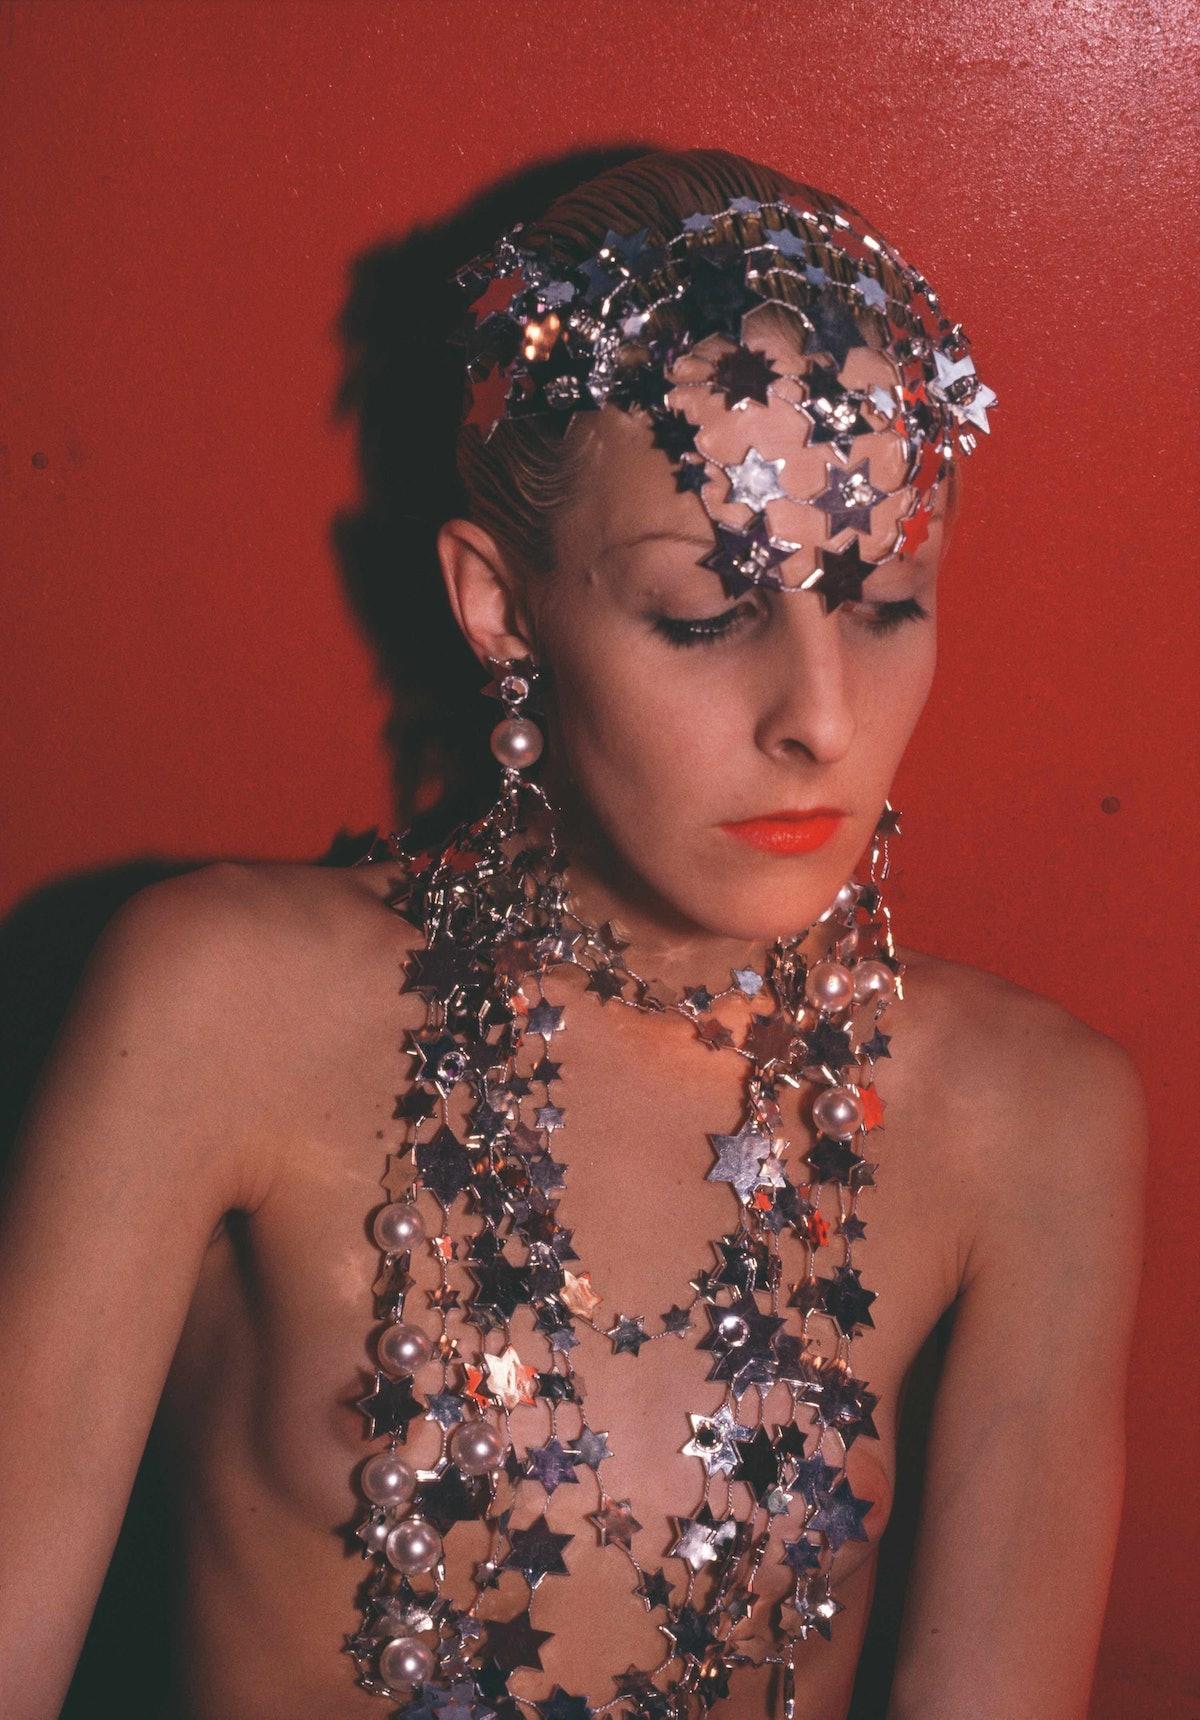 53_Greer modeling jewelry, NYC 1985.jpg